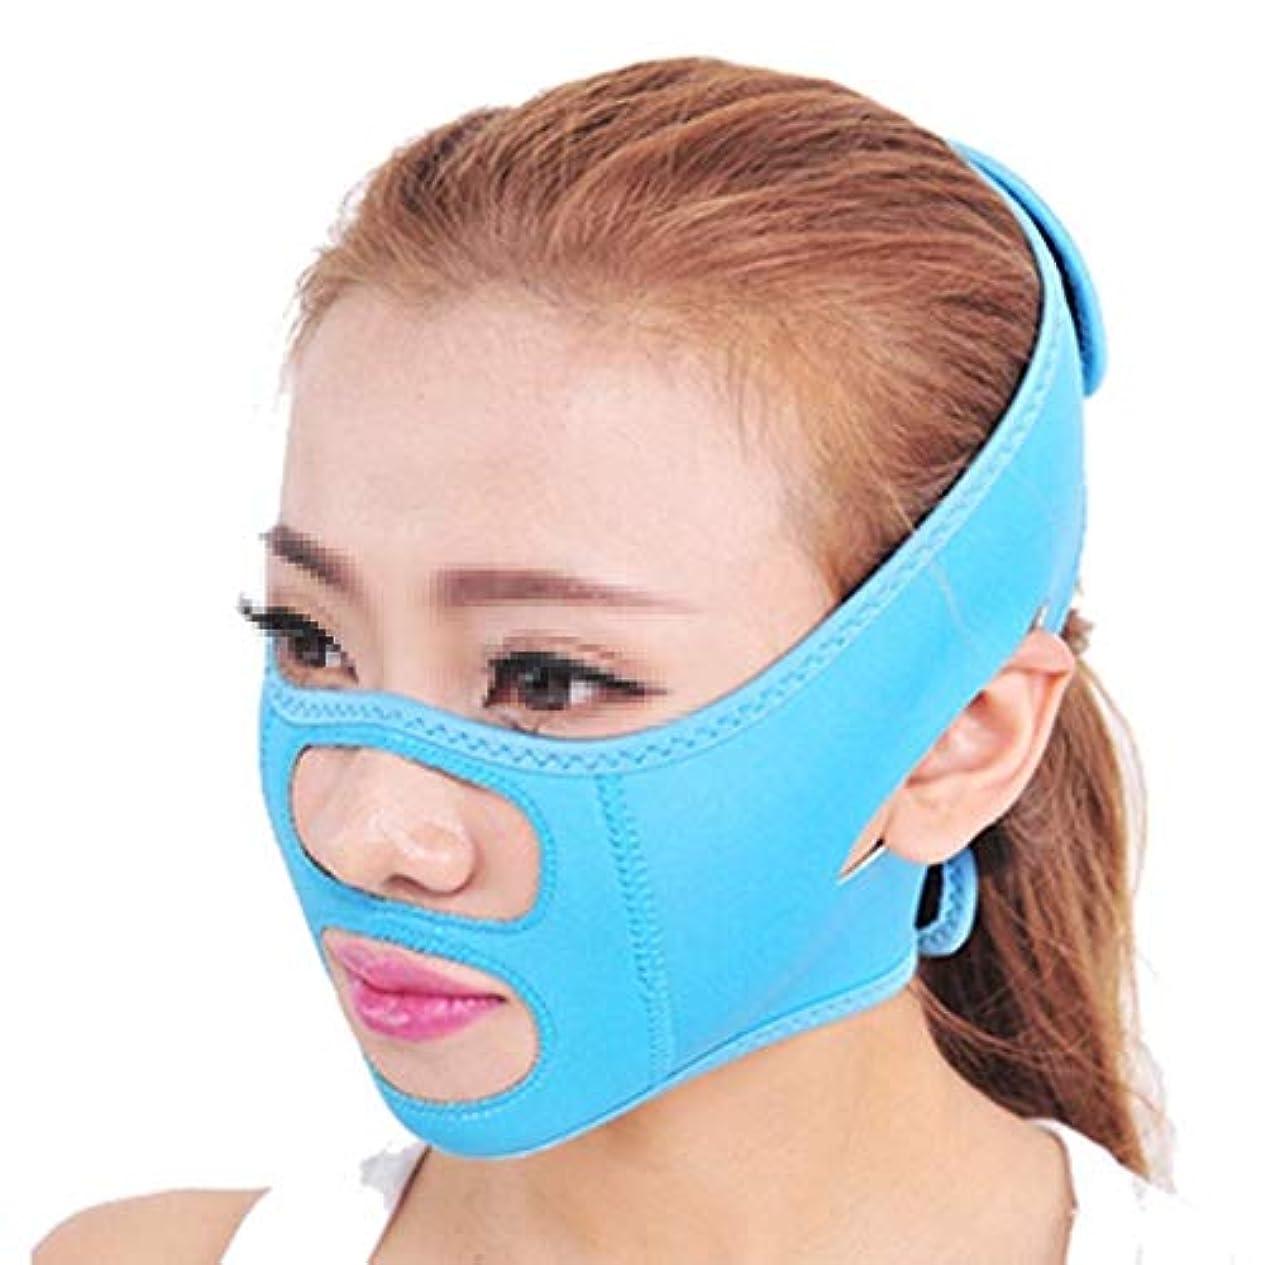 受取人夏エッセイ薄いフェイスベルト、スリープマスク付きVフェイス、リフティングフェイス、ダブルチンフェイスマスクを引き締めるマルチカラーオプション(色:青)